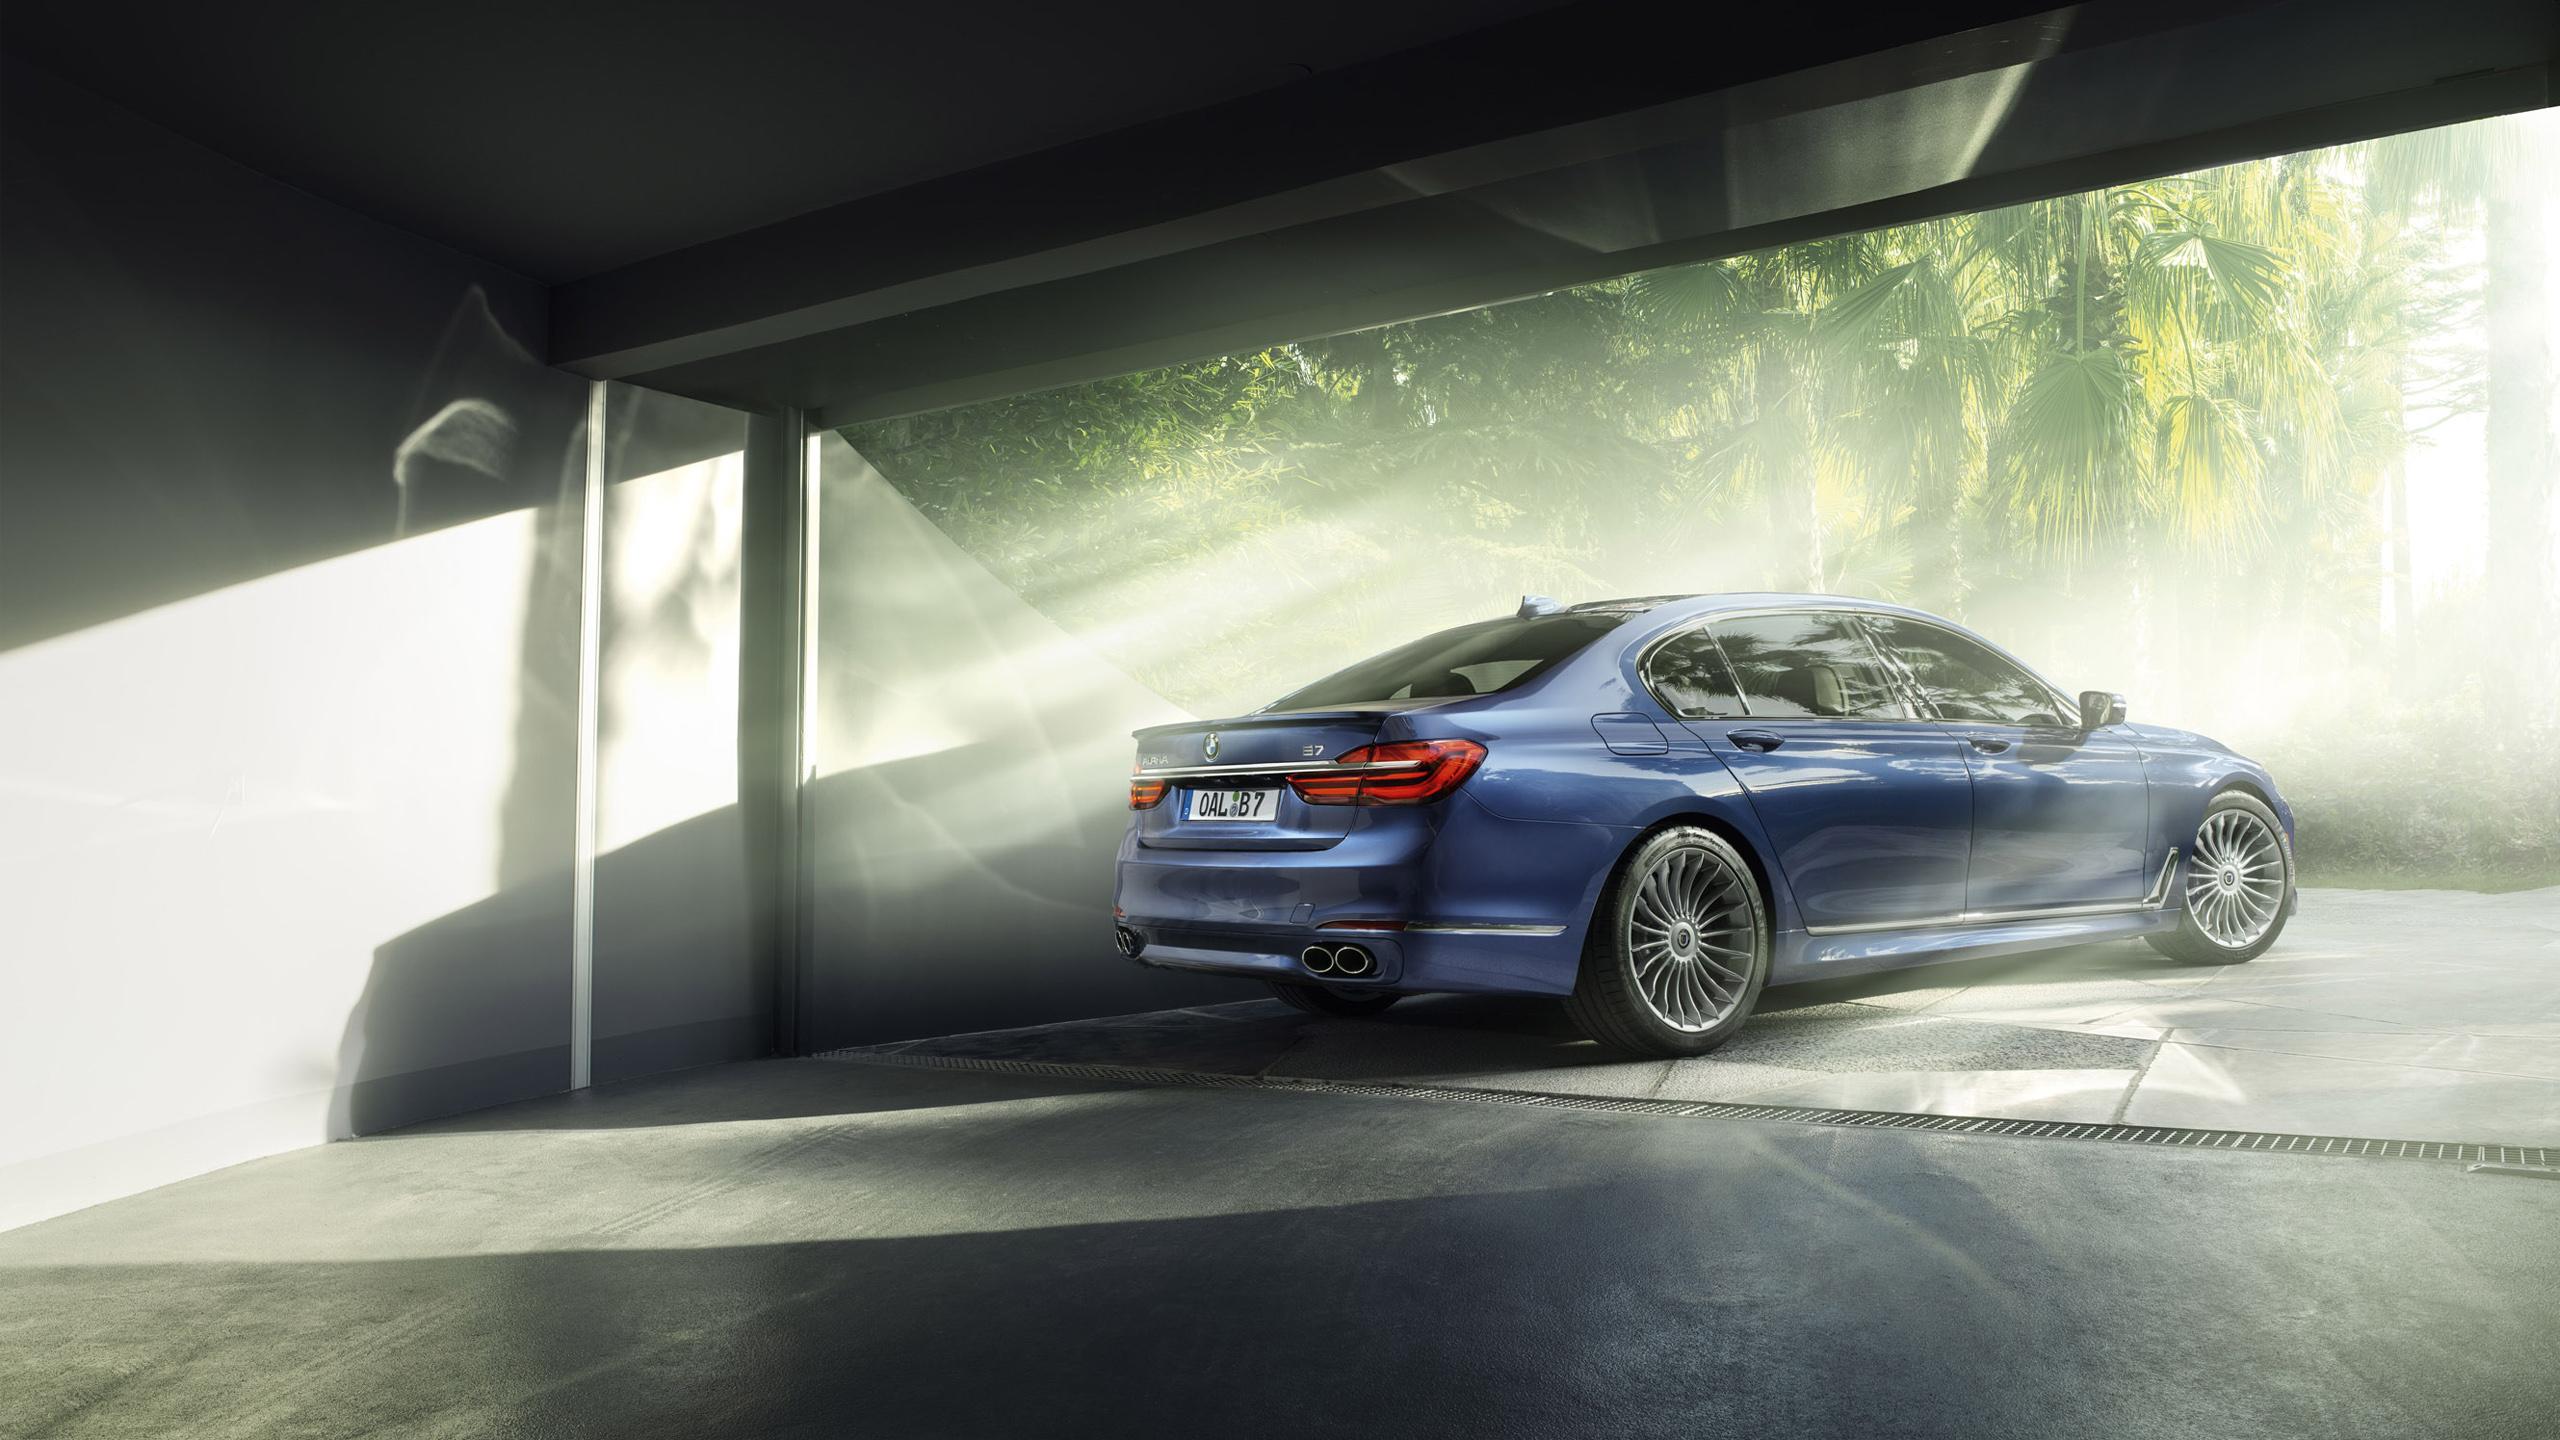 2016 BMW Alpina B7 xDrive 2 Wallpaper HD Car Wallpapers ID 6159 2560x1440